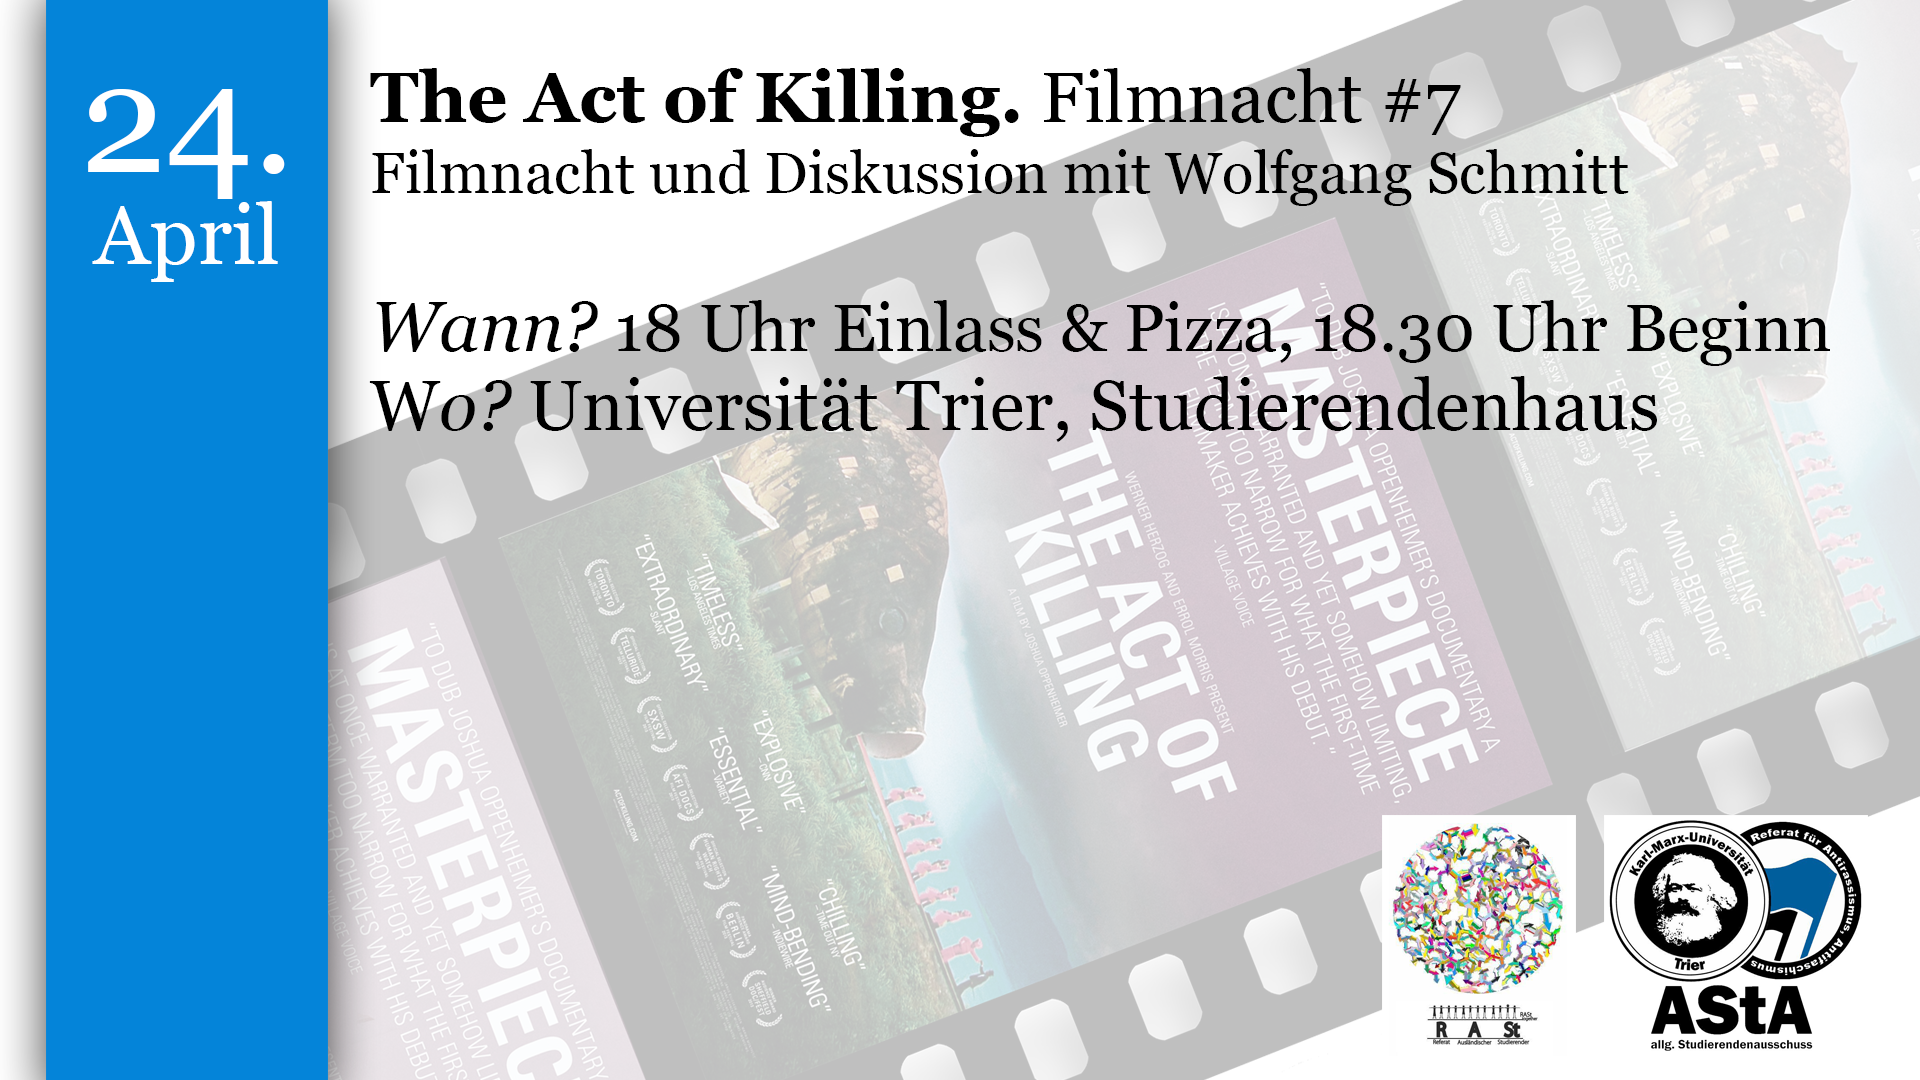 Filmnacht-#7